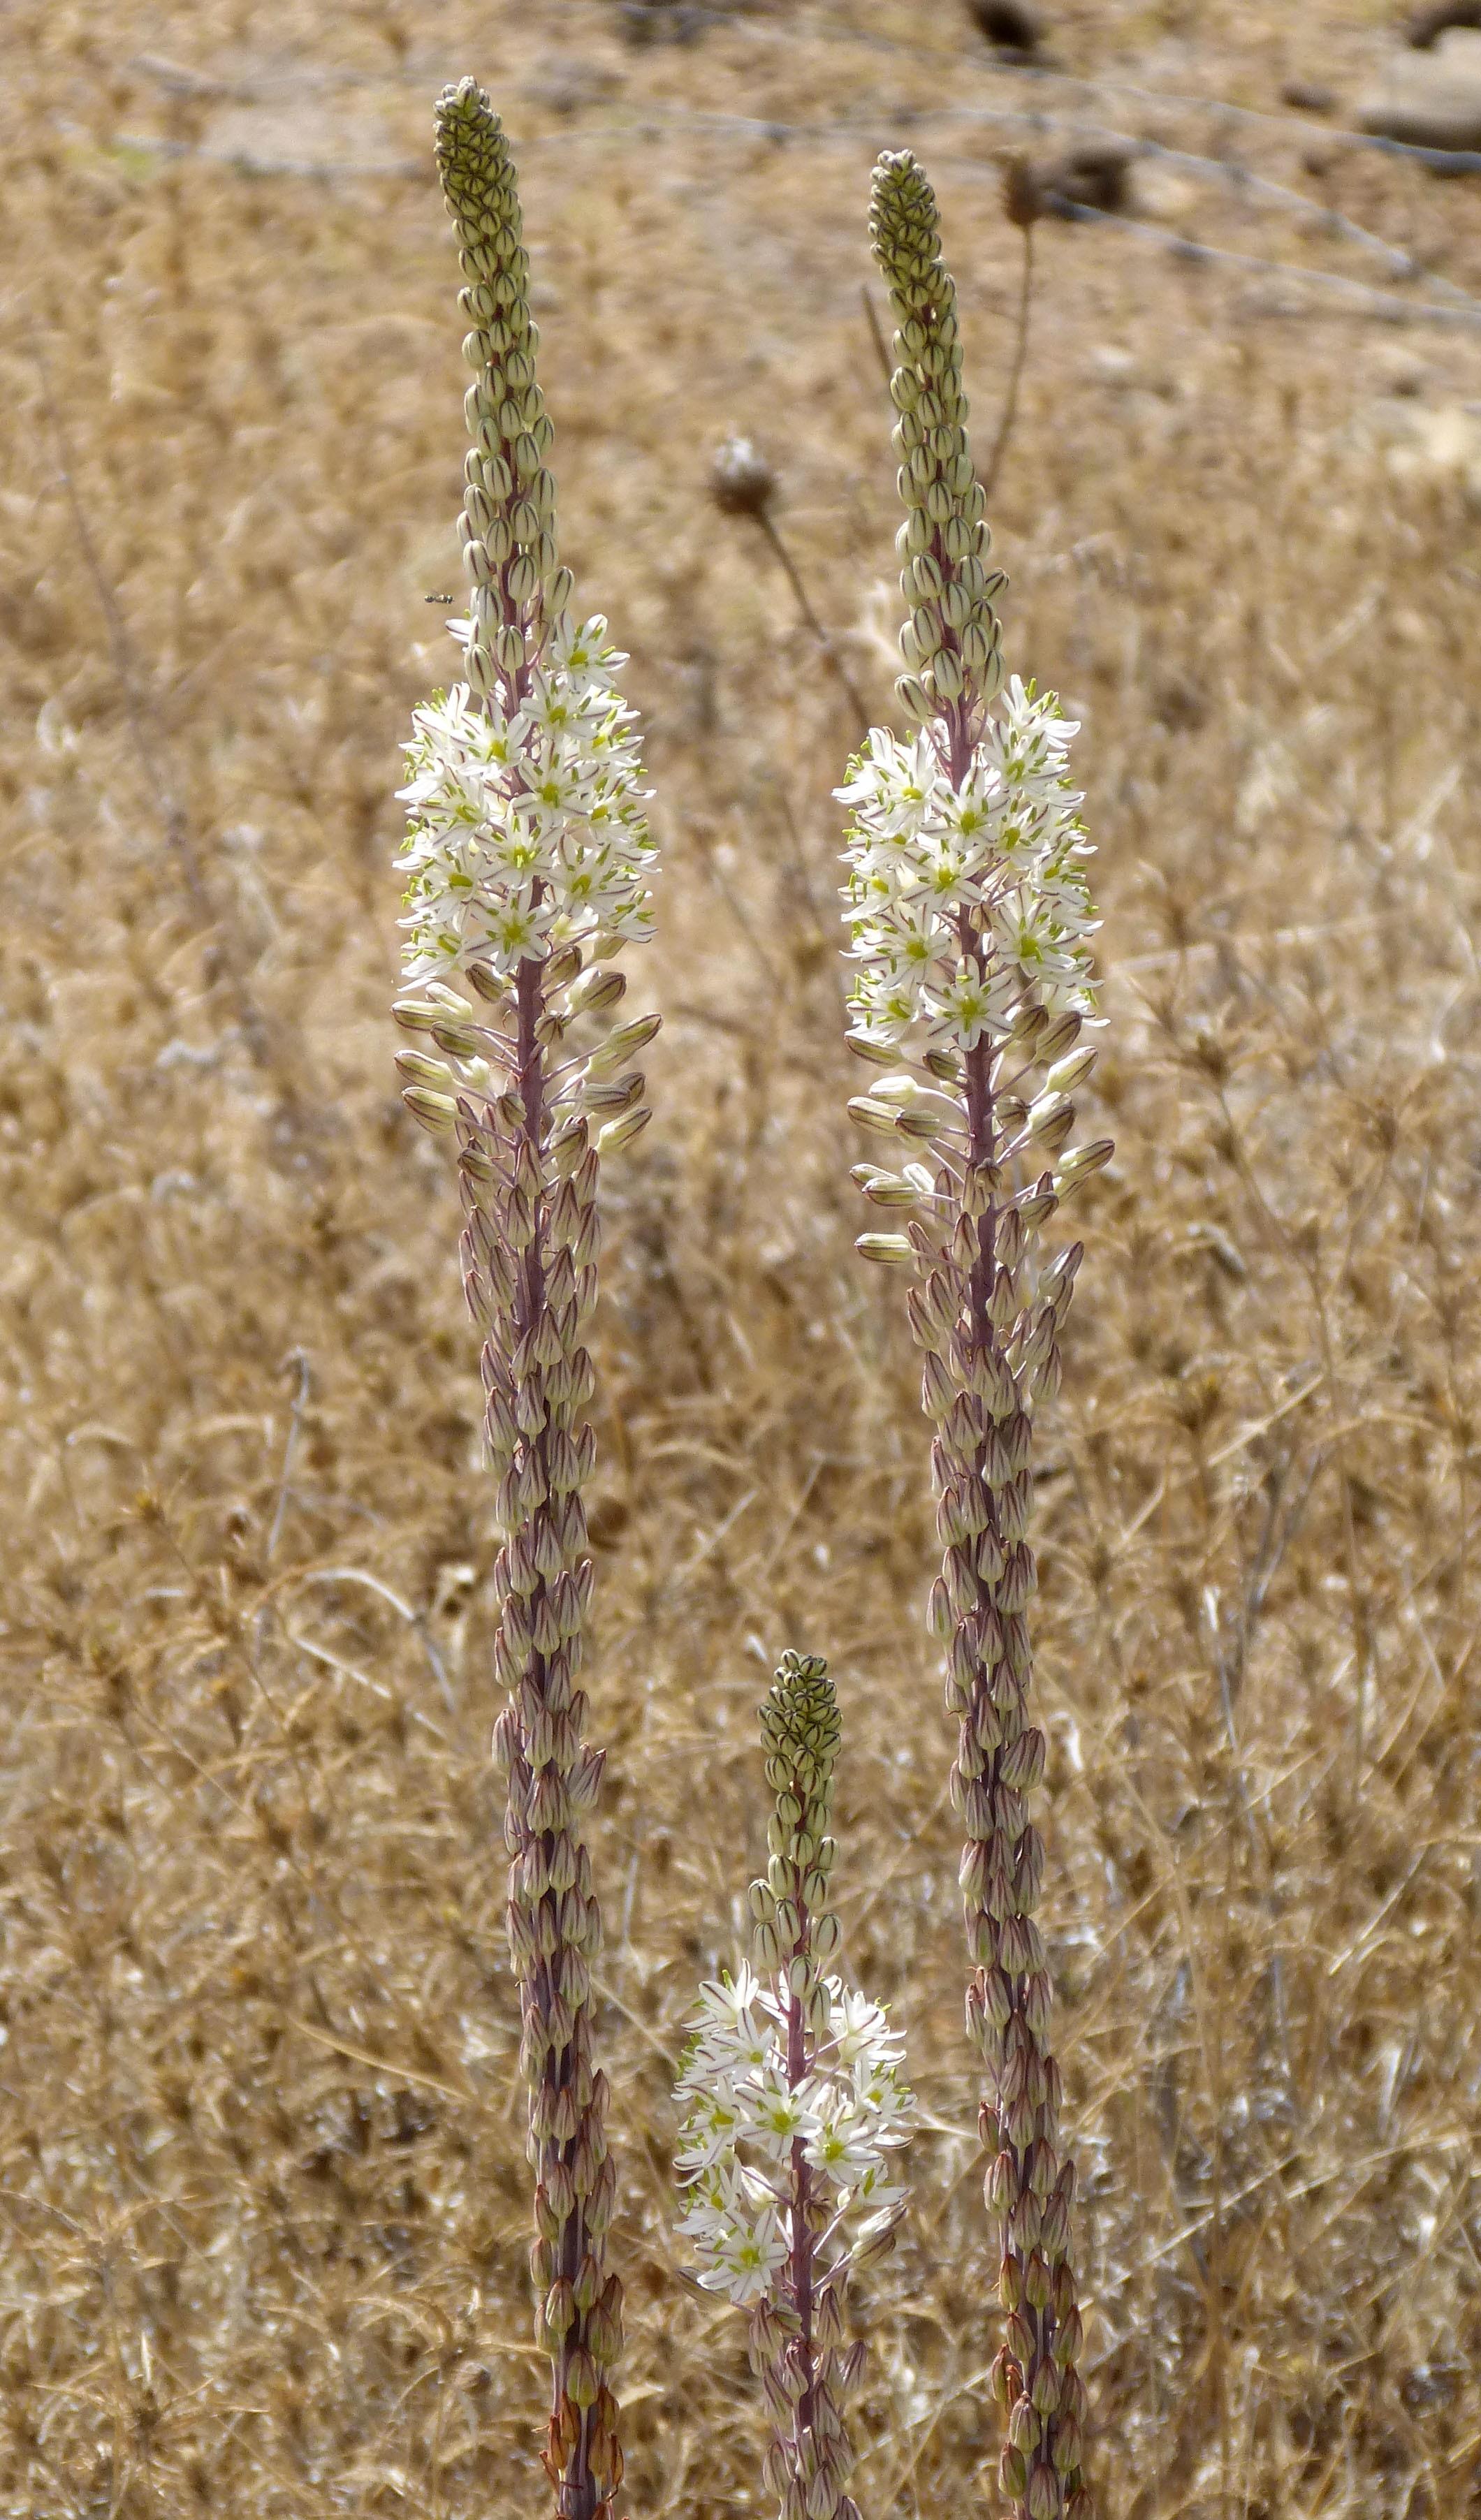 Image of White asphodel